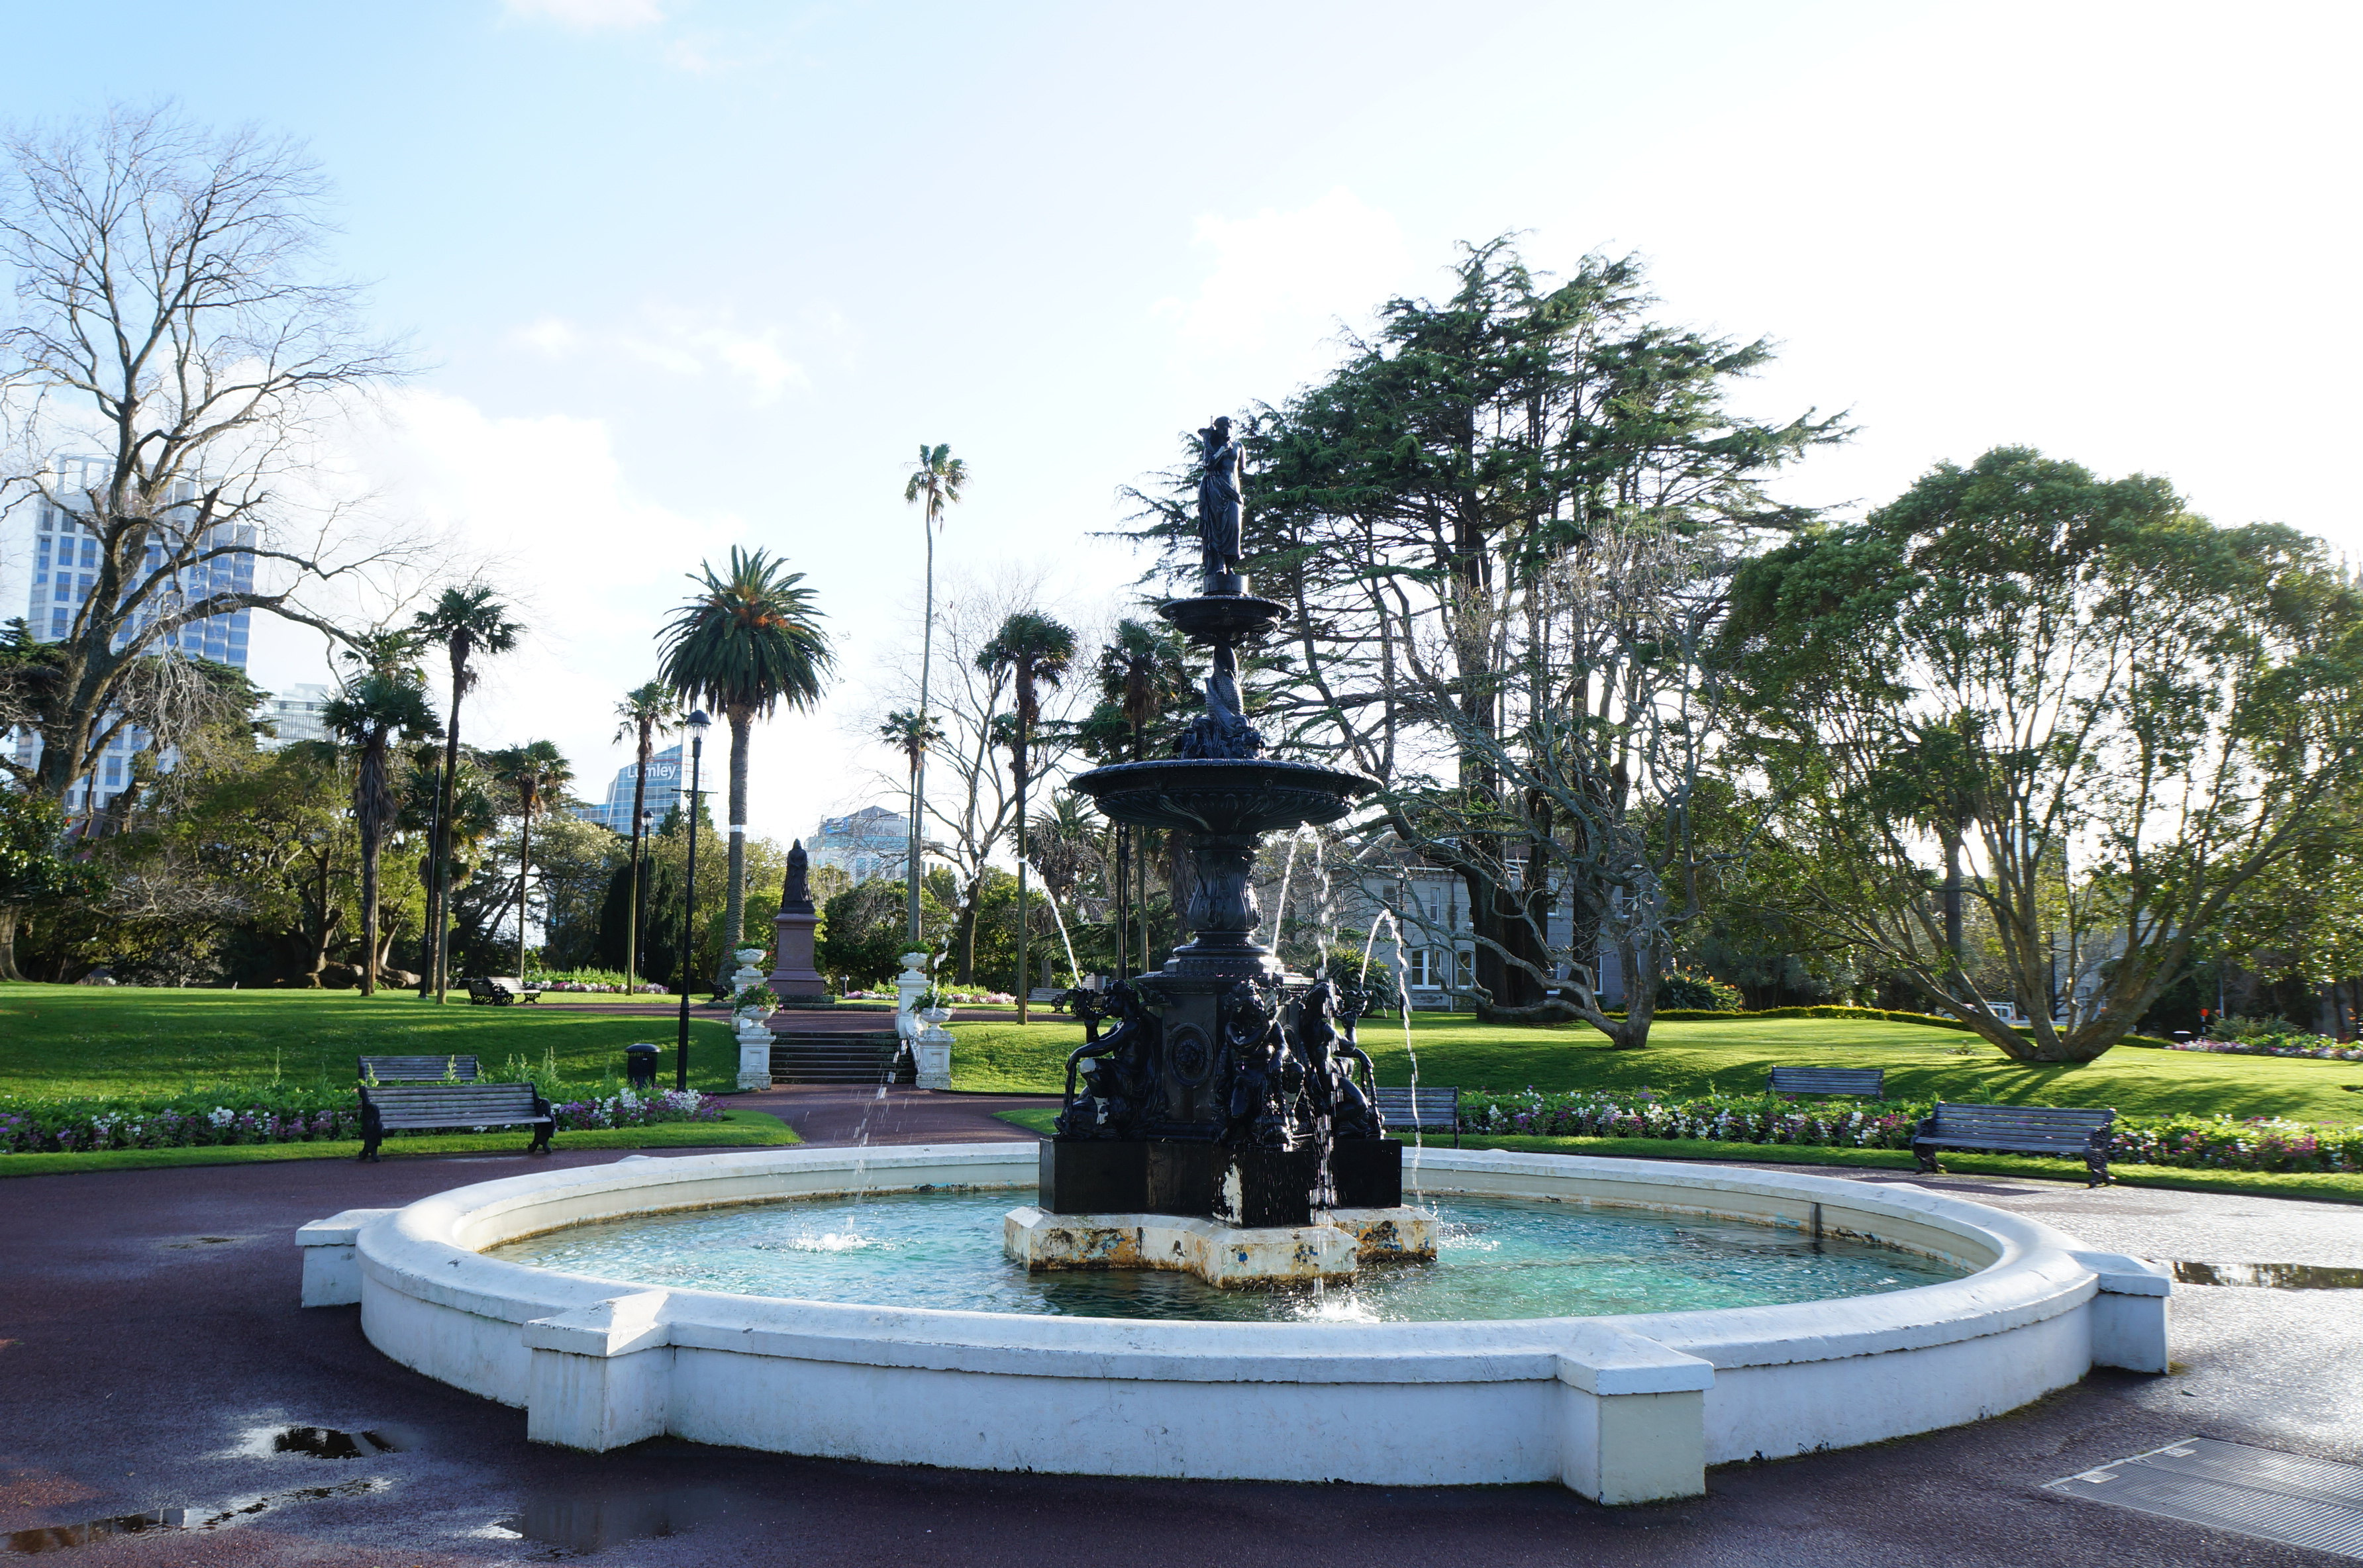 奥克兰中央公园是奥克兰最古老的公园,坐落在新西兰的奥克兰市中心,位于皇后街左侧,占地面积80公顷,以巨大的草坪、露天剧场、温室花园,精美的雕塑和博物馆而闻名。 1. 各种免费的文艺活动 每到夏天,这里经常举办各种文艺活动,例如音乐会。游览和欣赏音乐会都是免费的。而每年十二月初举办的新西兰最大的户外圣诞音乐会奥克兰公园圣诞节,是奥克兰最具人气的圣诞节狂欢活动之一。 2.